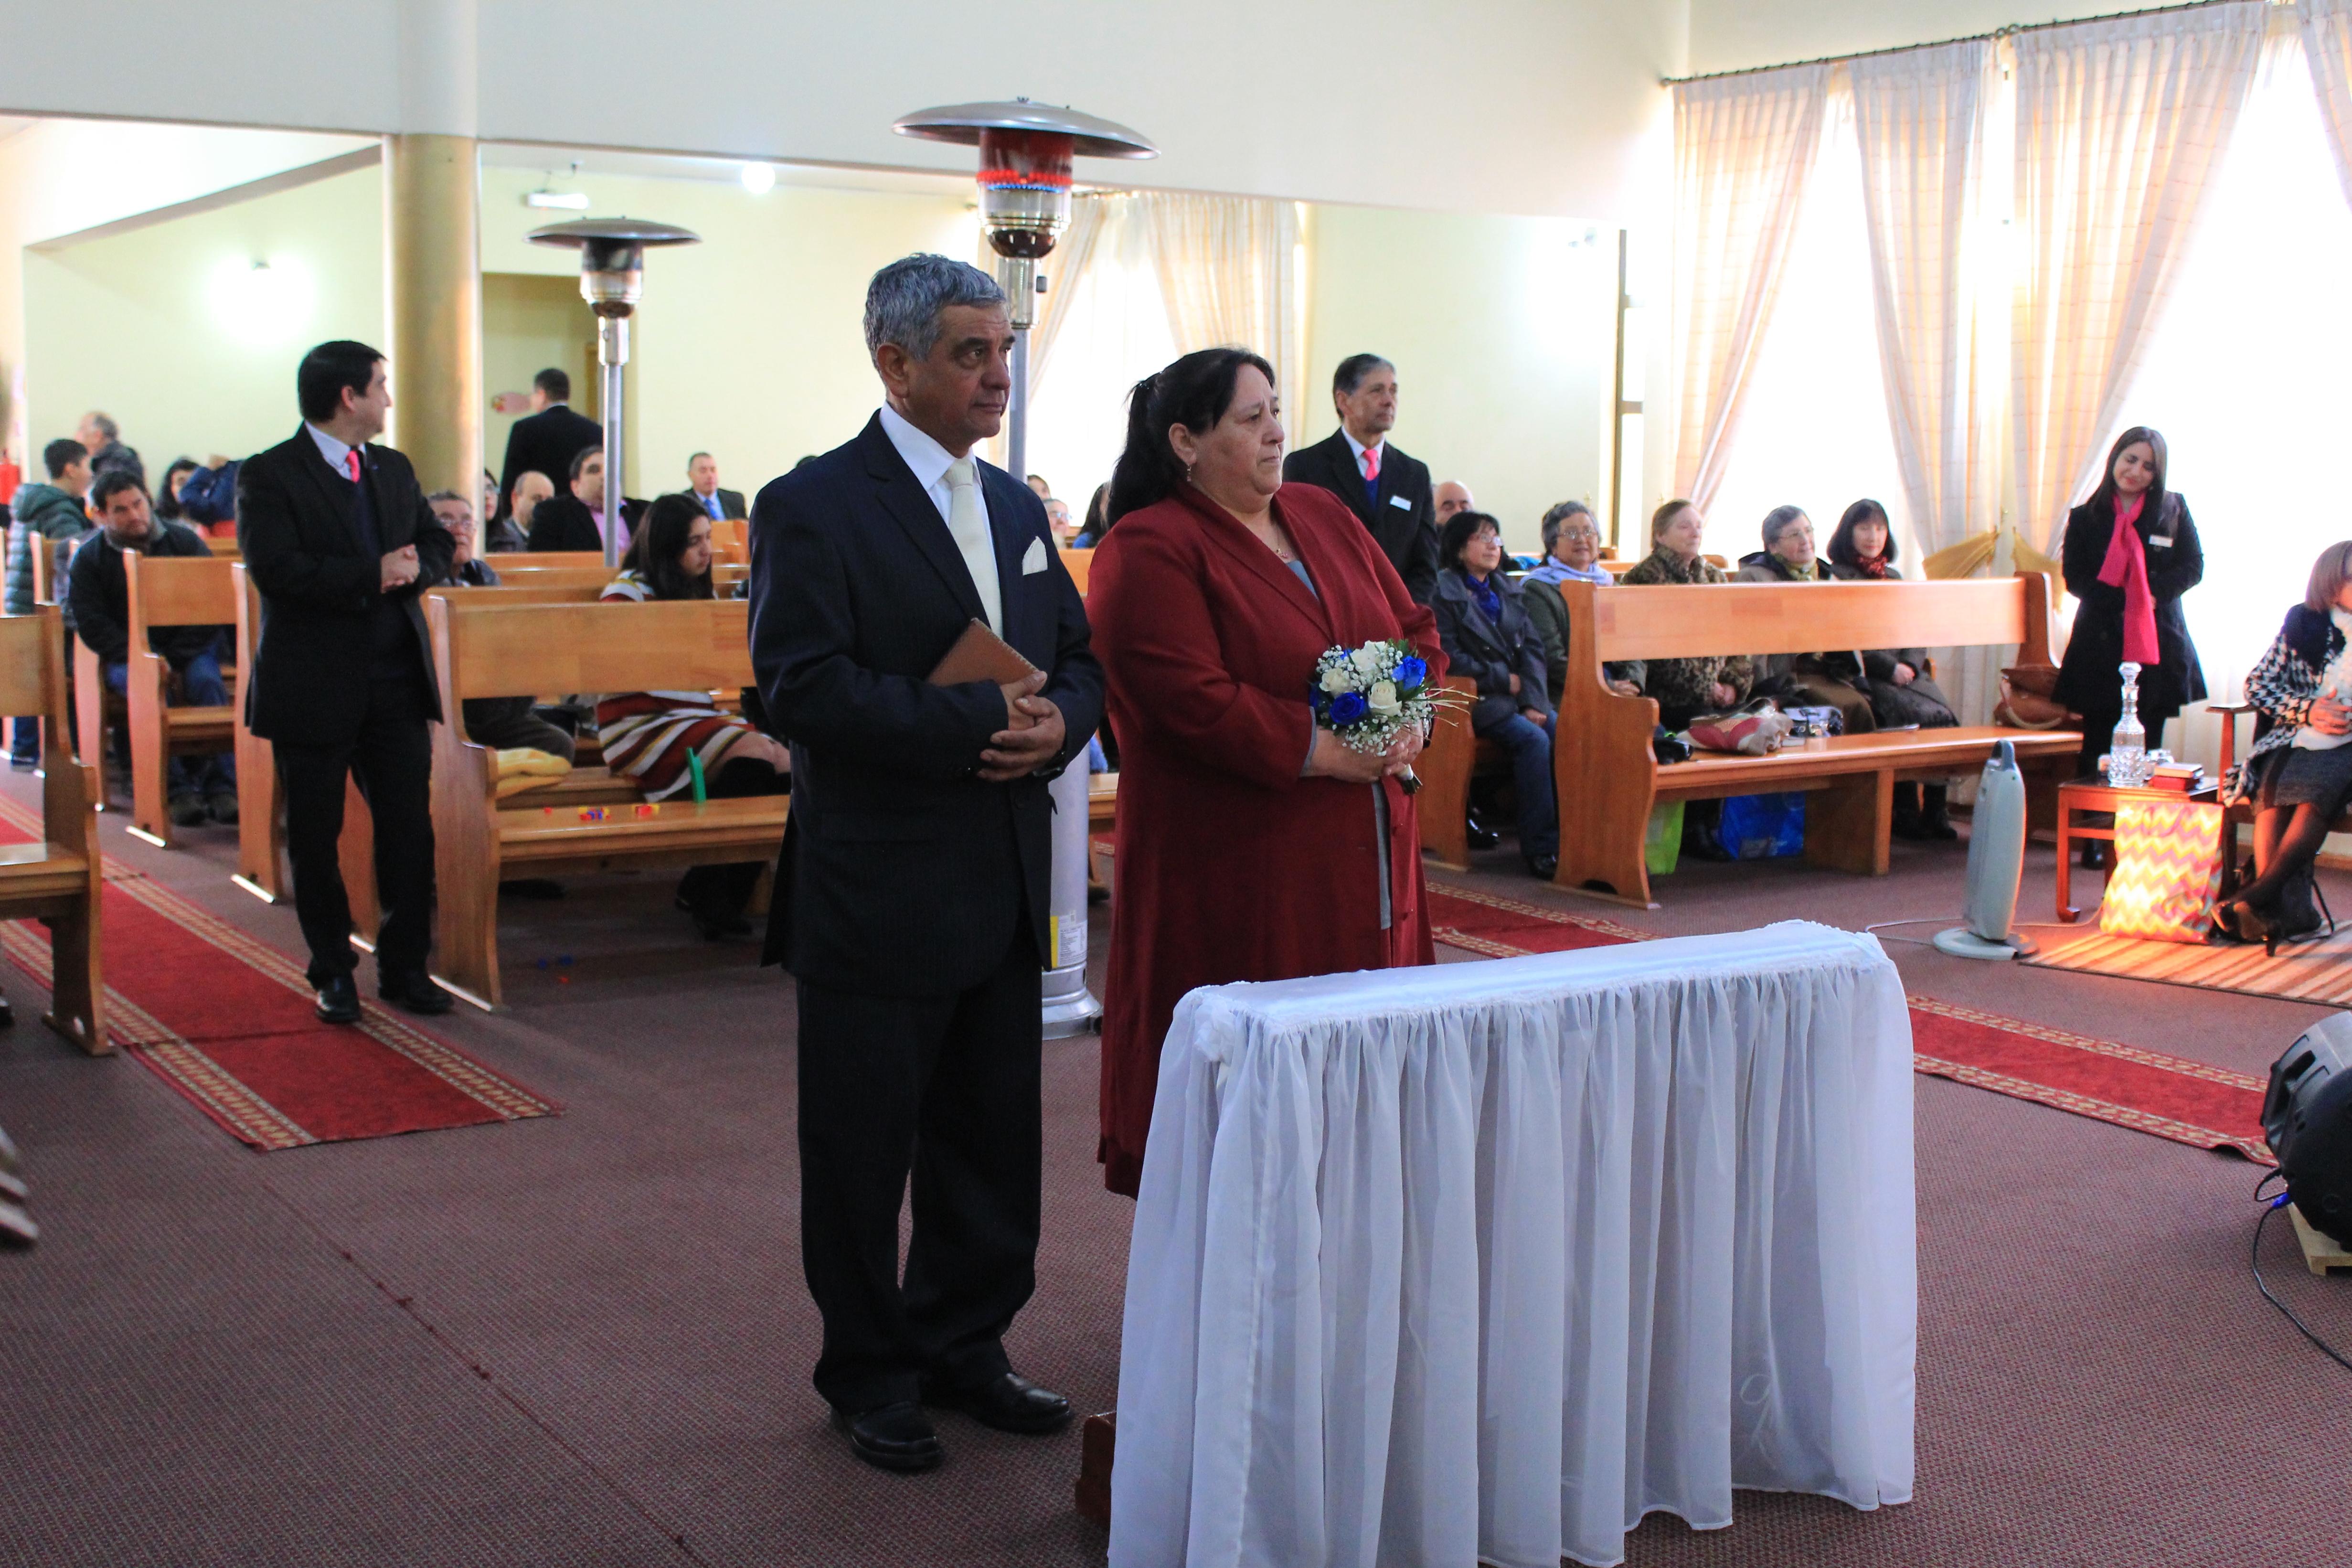 Matrimonio celebra bodas de safiro en IMPCH Hualpén